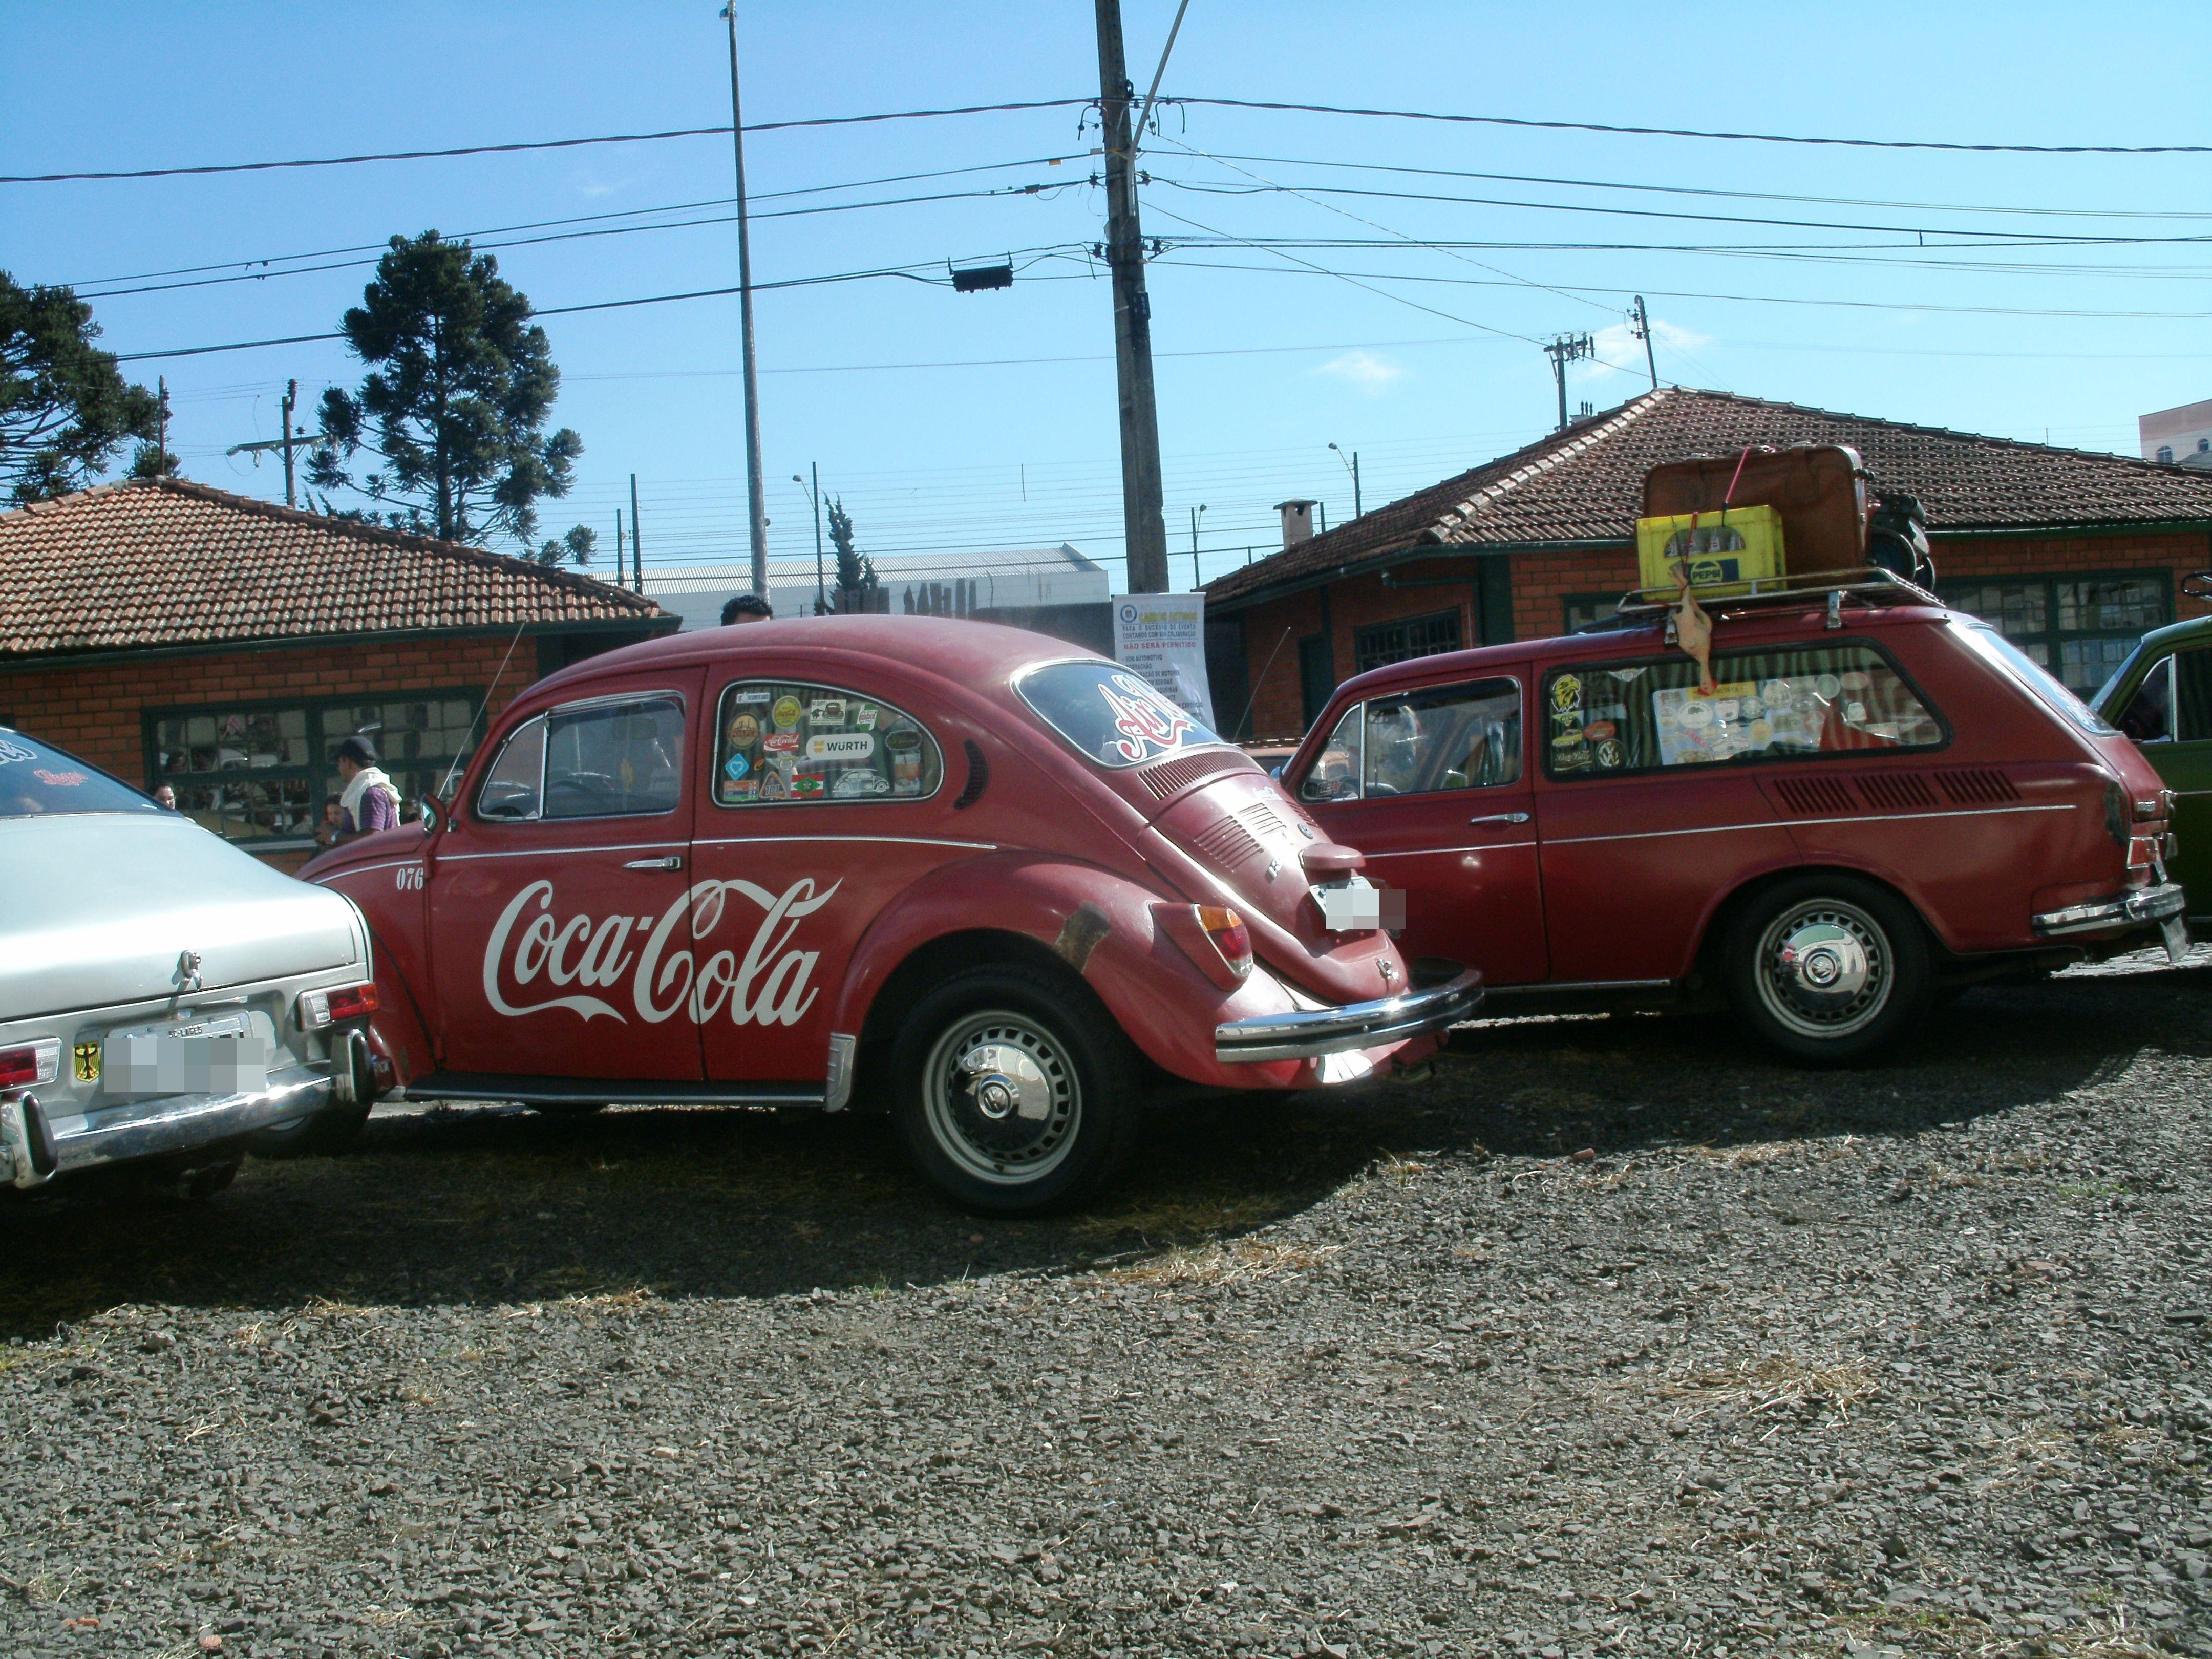 2° encontro de carros antigos de Lages SC 2014